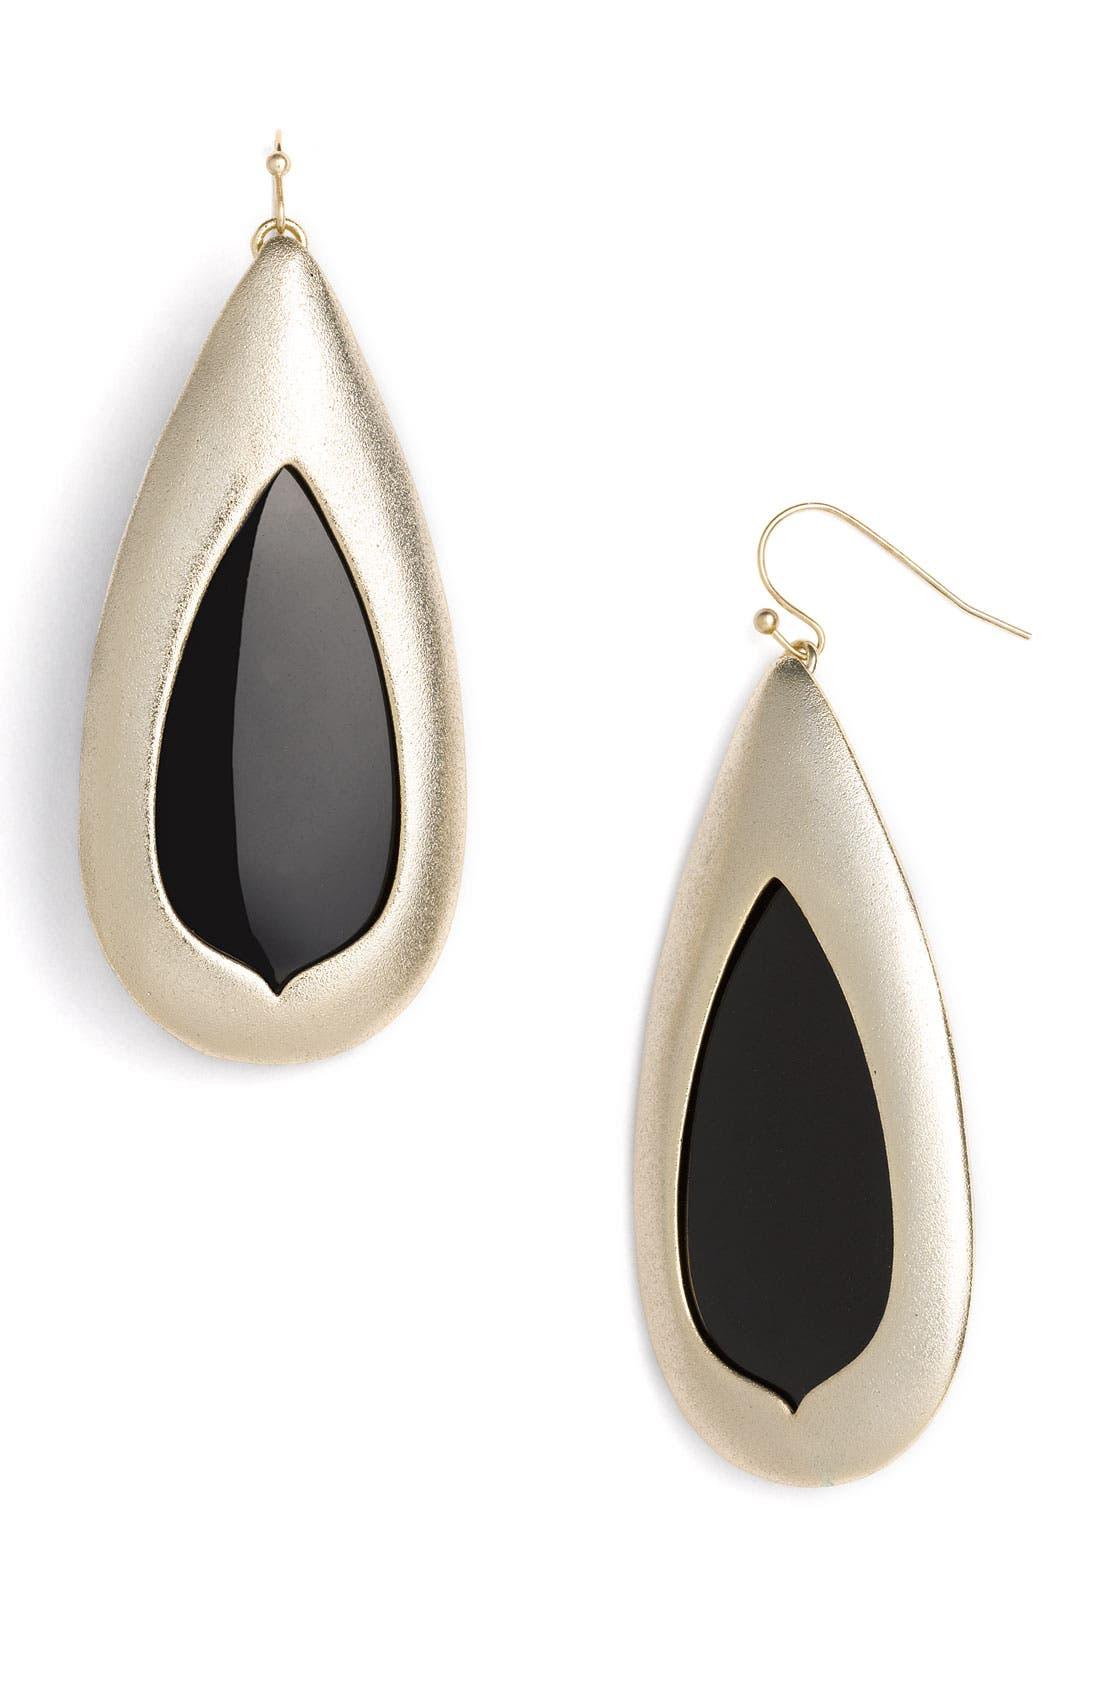 Alternate Image 1 Selected - Kendra Scott 'Wren' Teardrop Statement Earrings